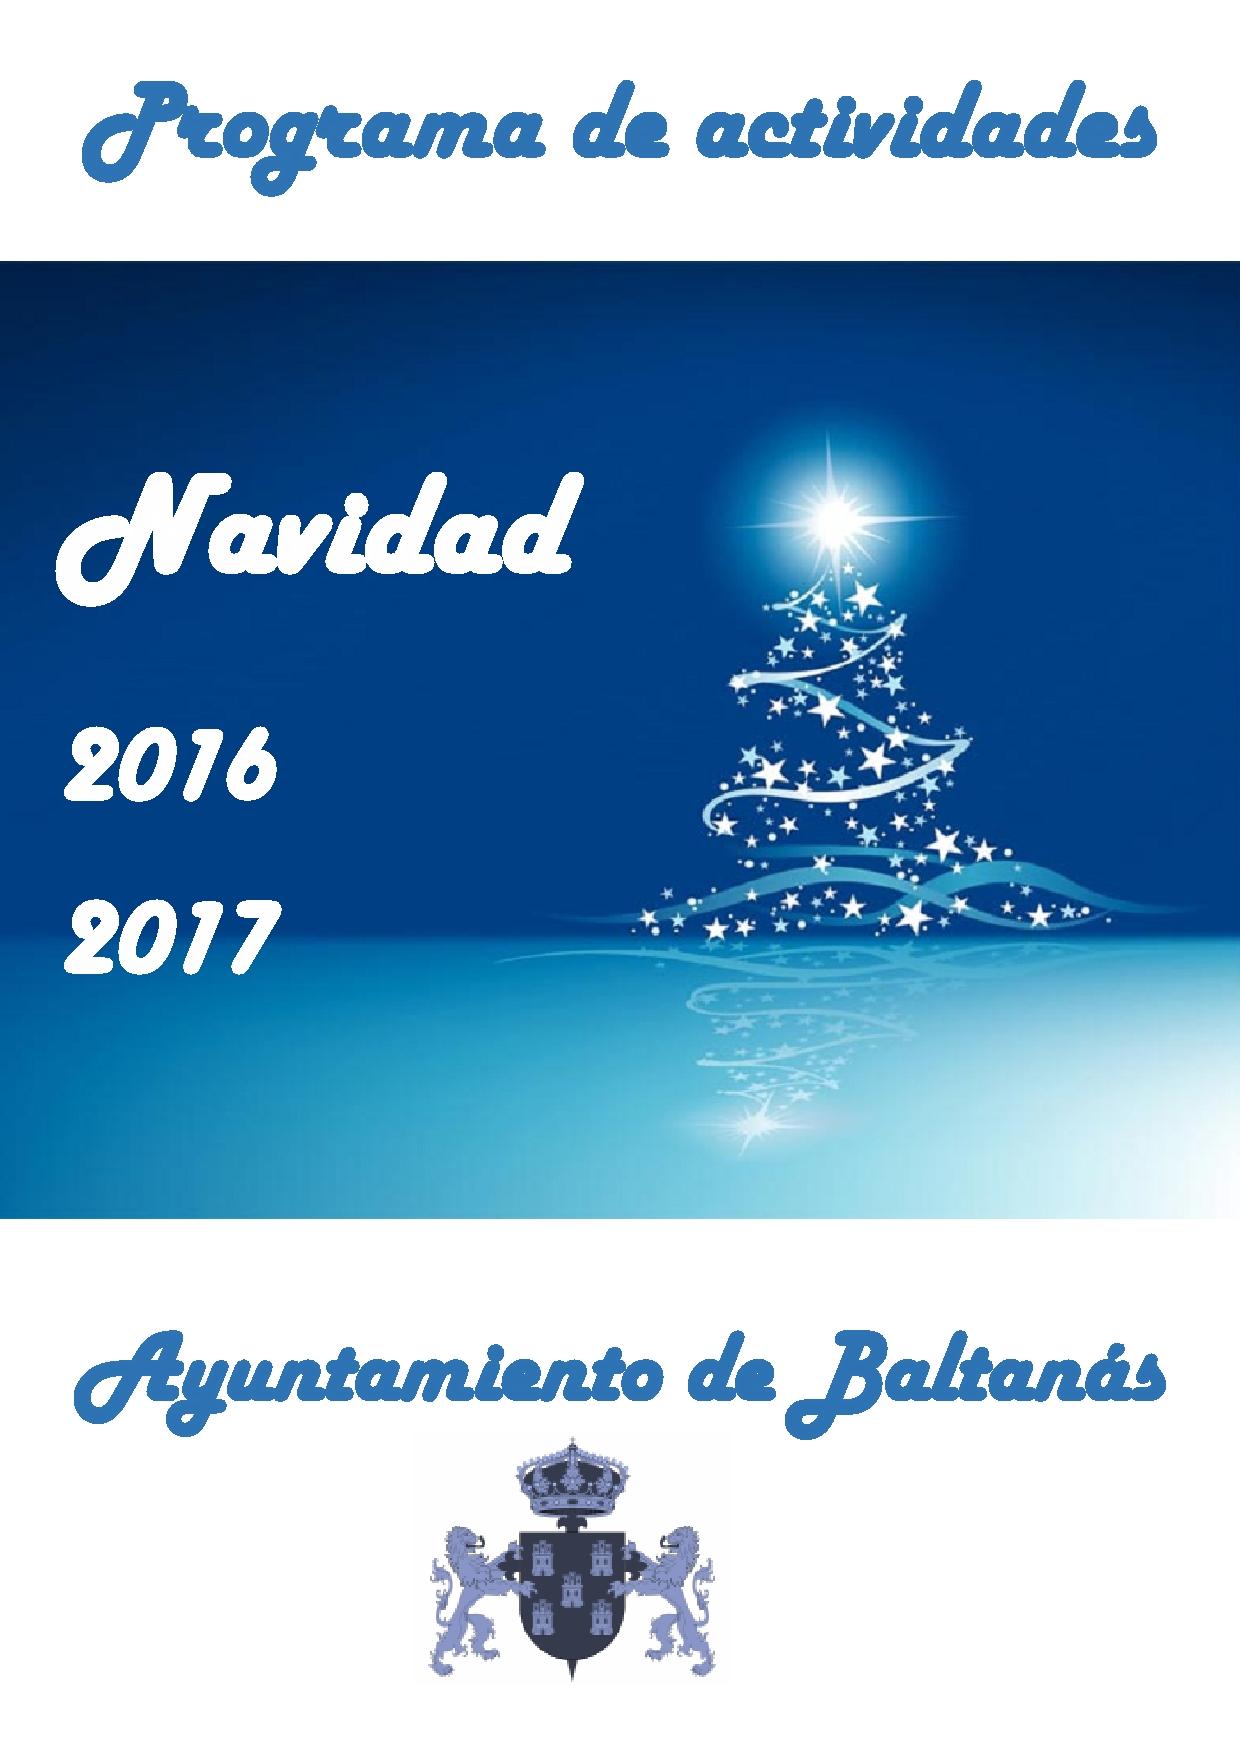 Programa de actividades Navidad 2016-2017